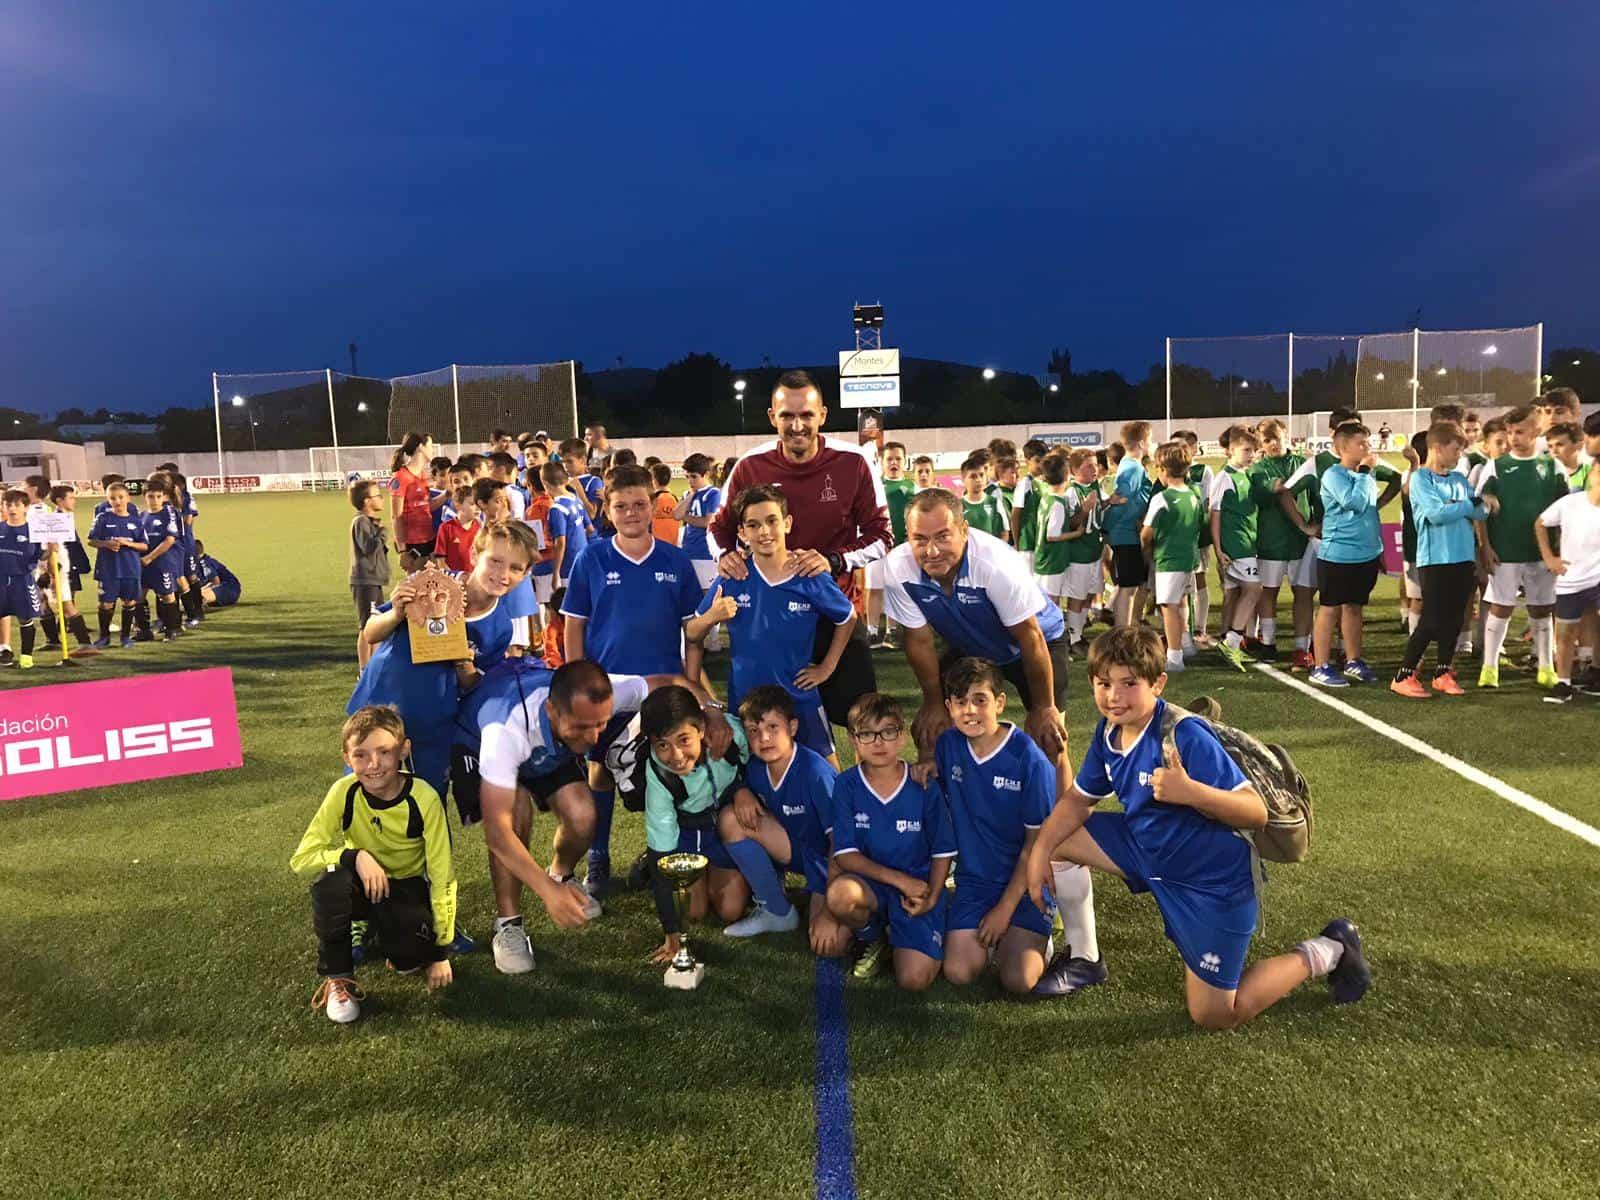 """Más de 300 chavales se dieron cita en el VIII Torneo de Fútbol-8 """"Virgen de la Soledad"""" 28"""